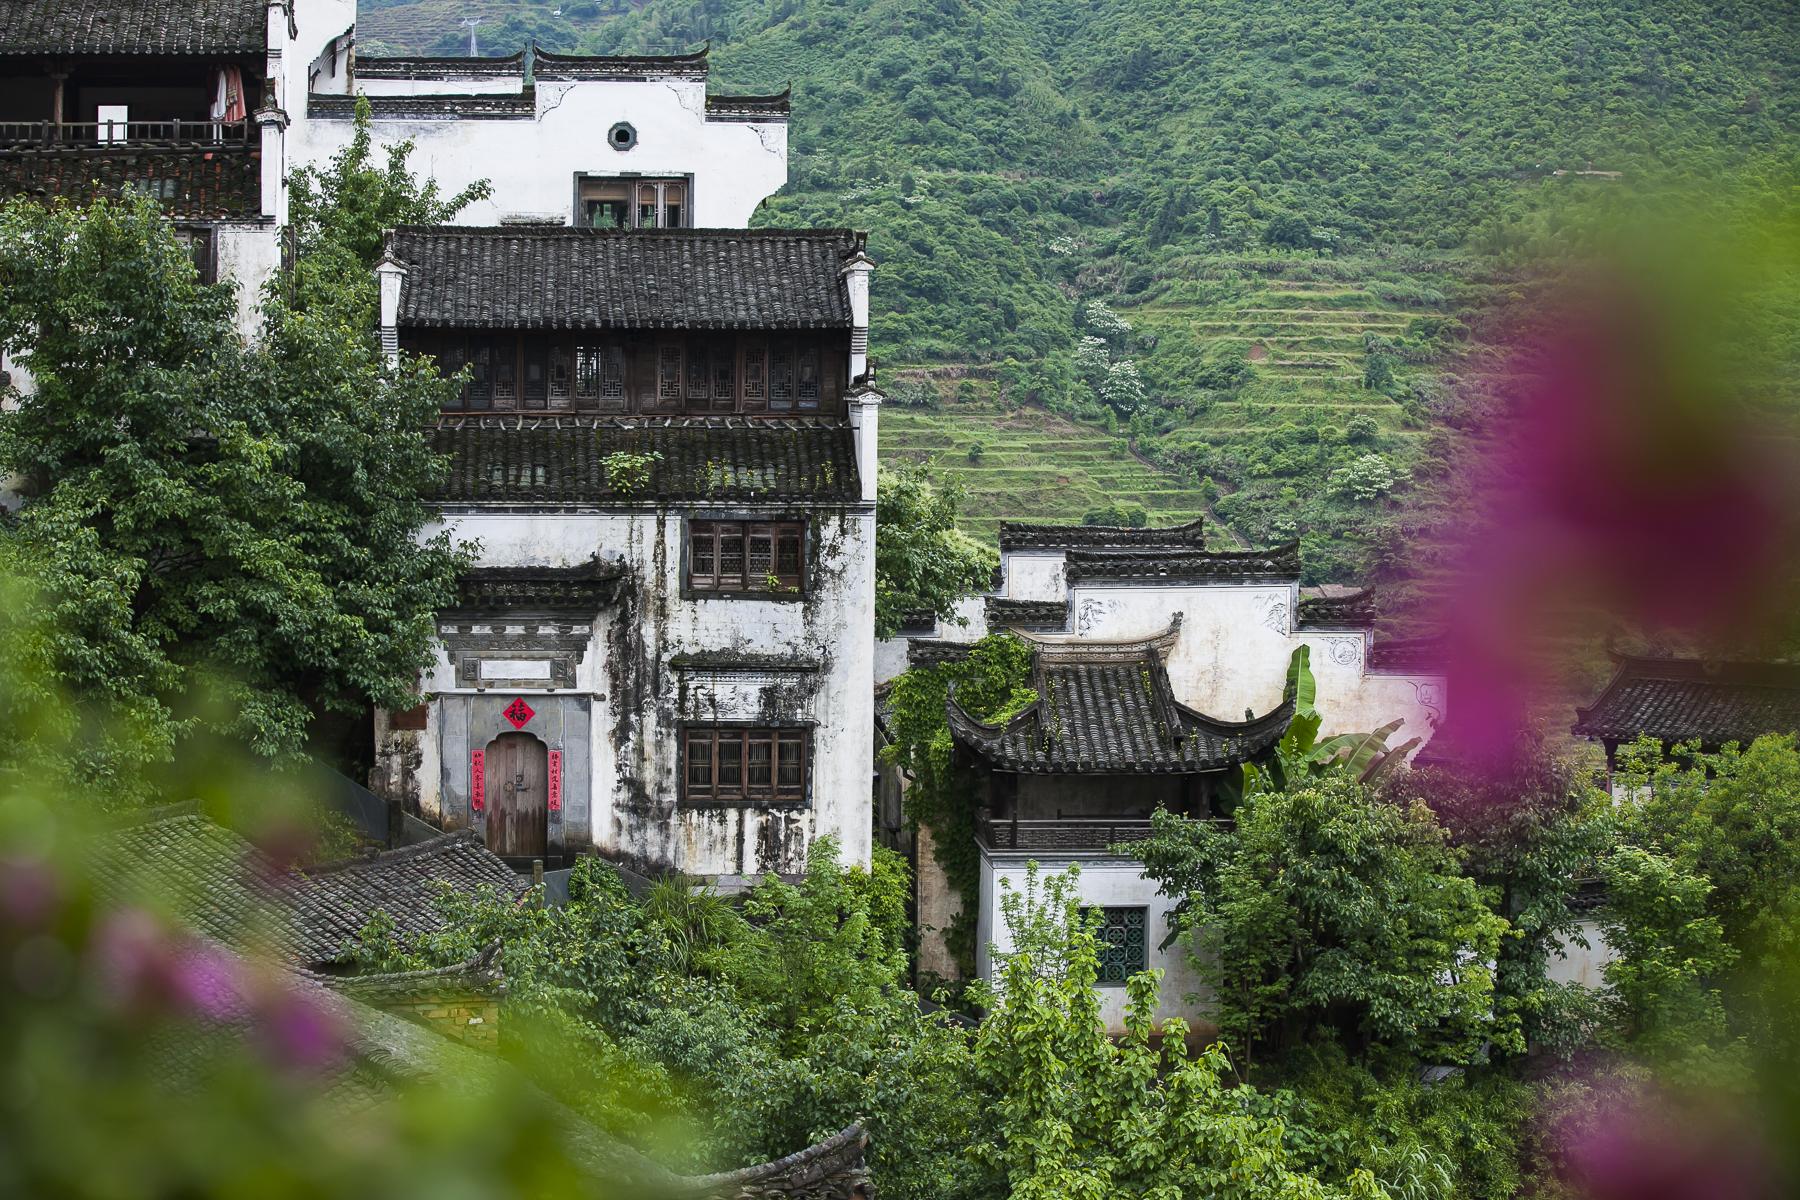 退休了就去这4个美丽古村吧,感受安静,融入美景,享受悠闲慢生活